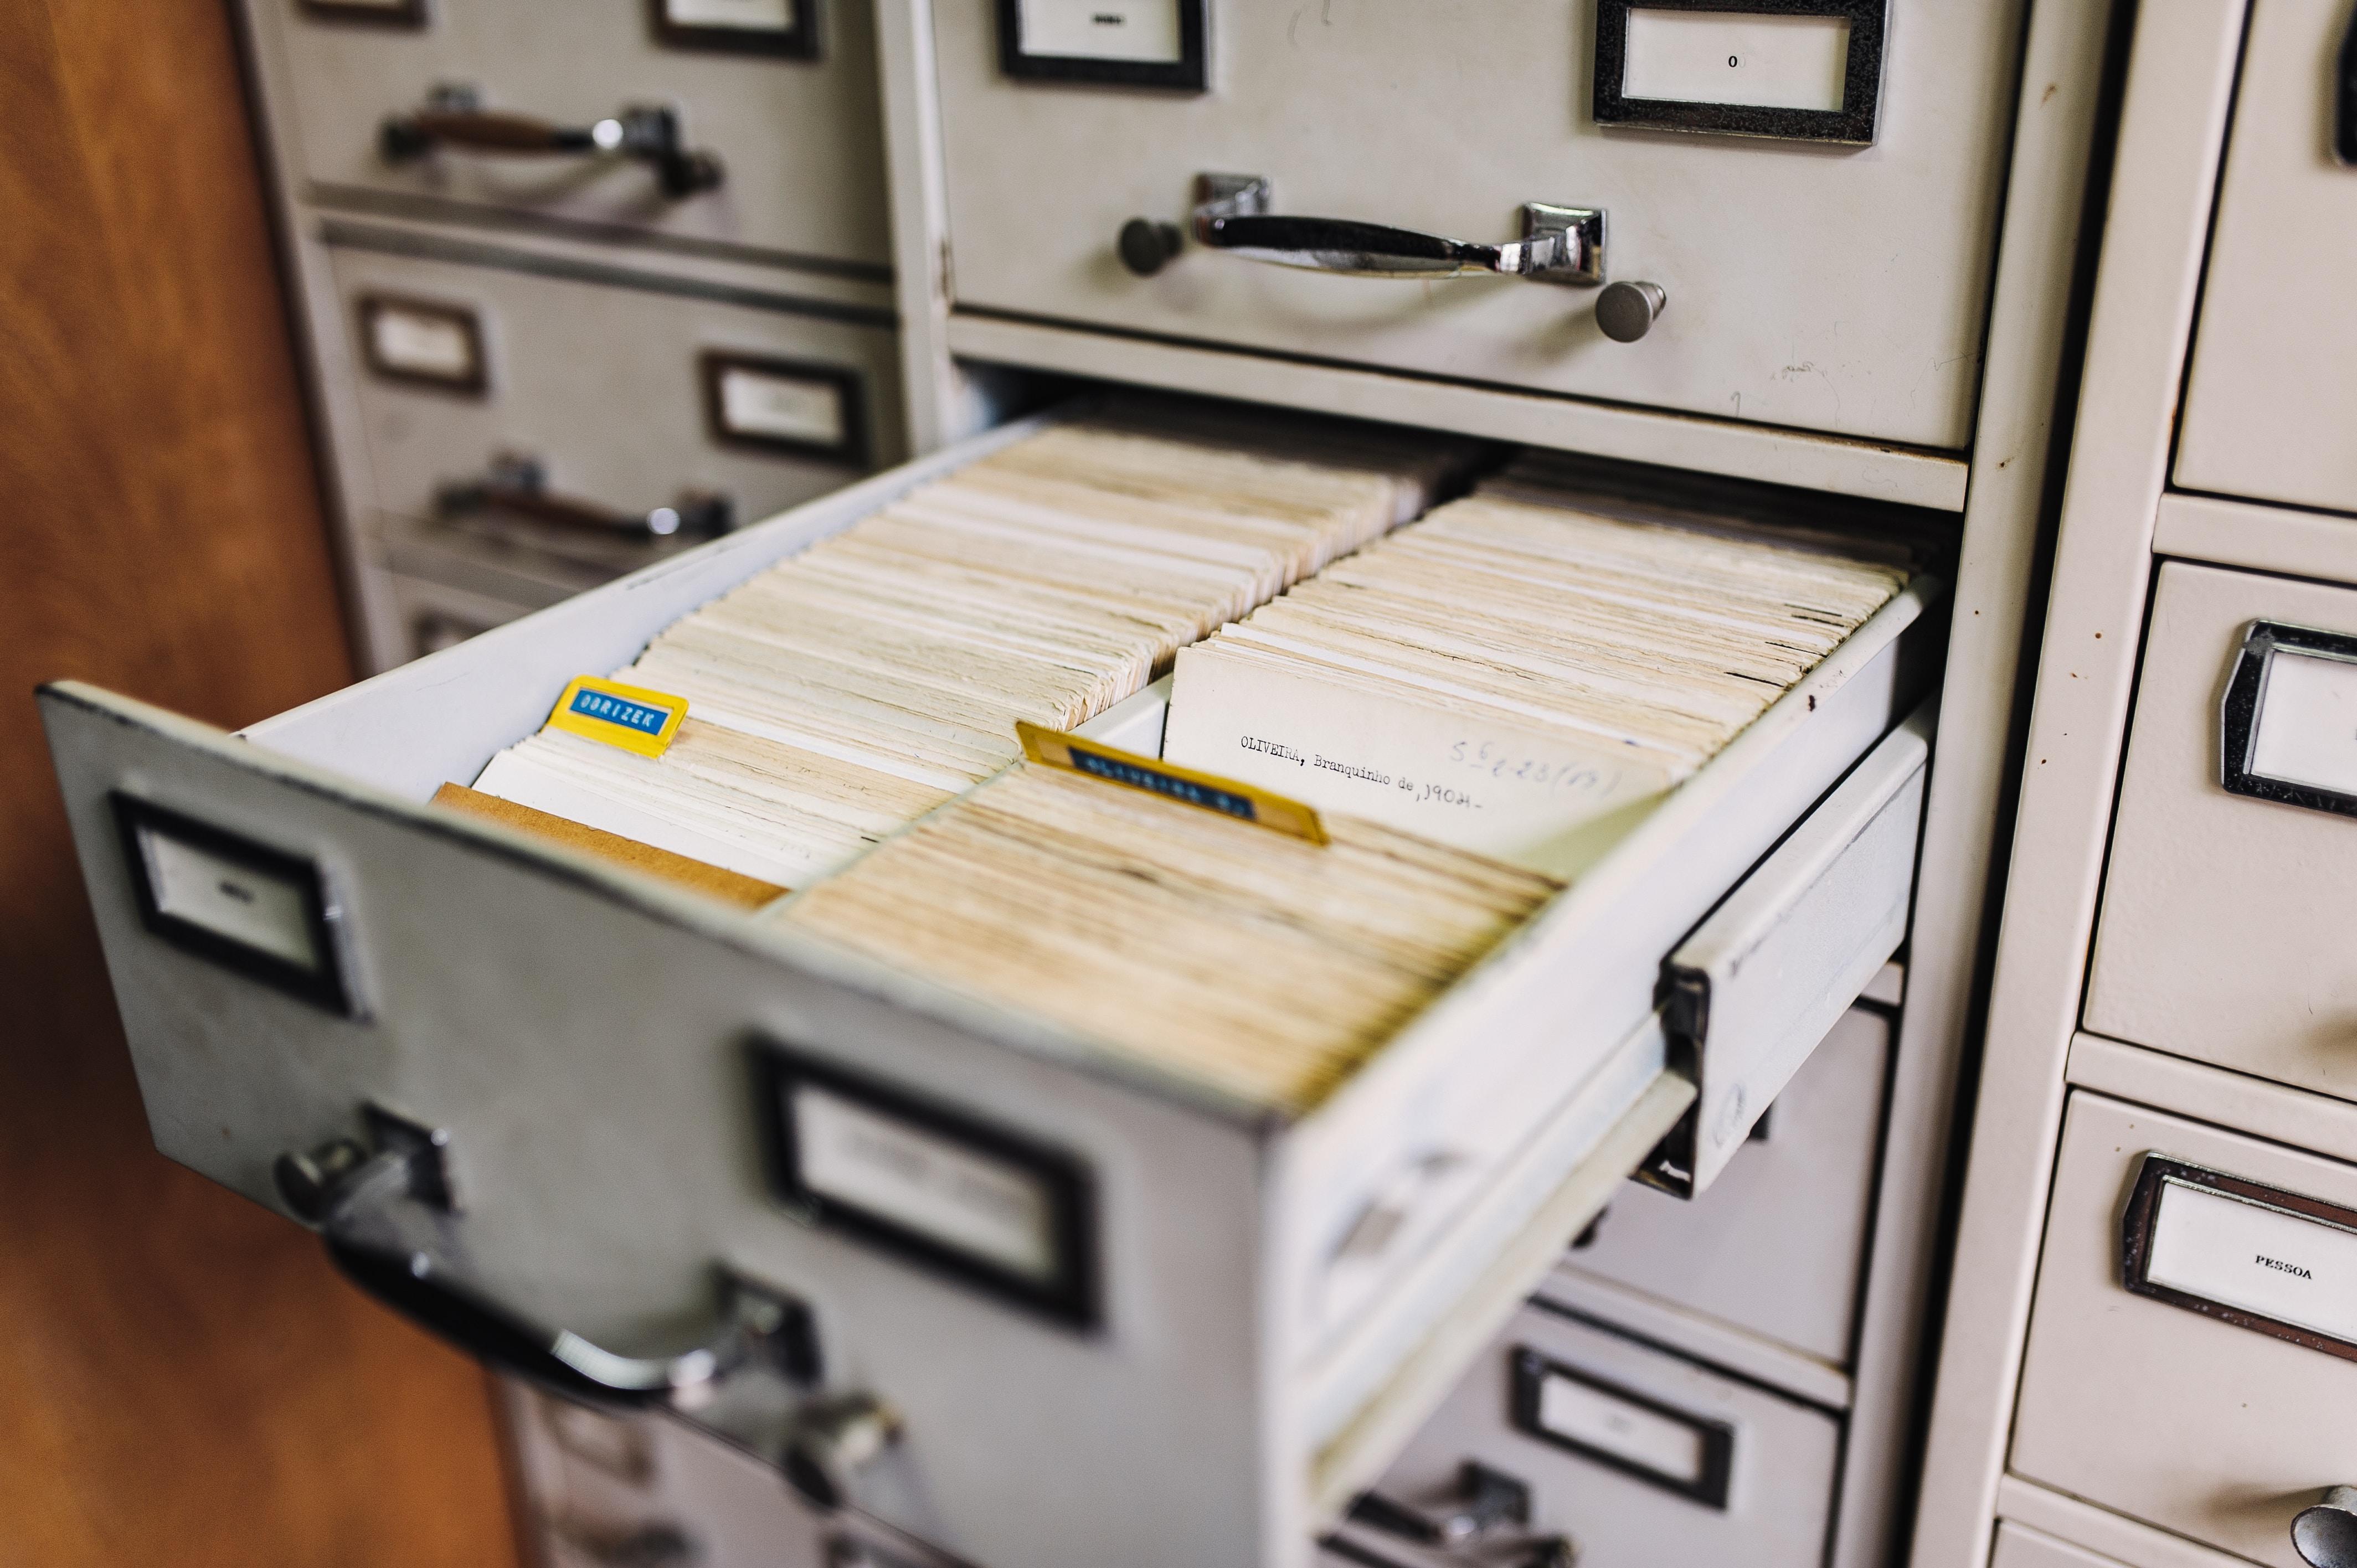 快速获取文件夹中所有文件名